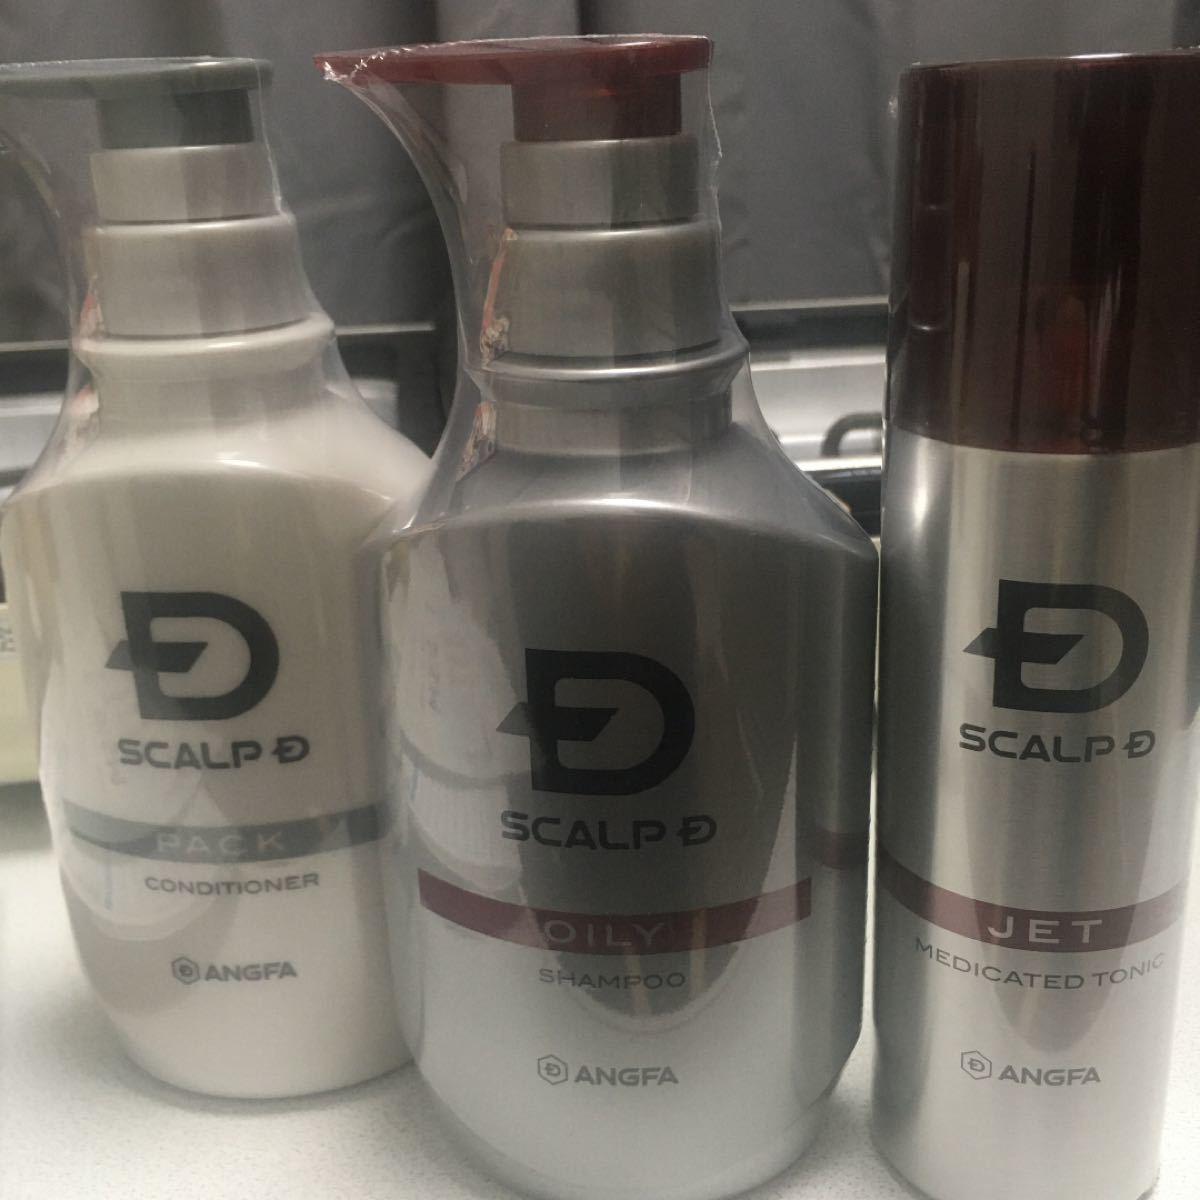 アンファー スカルプD 薬用スカルプシャンプー 発毛促進3点セット